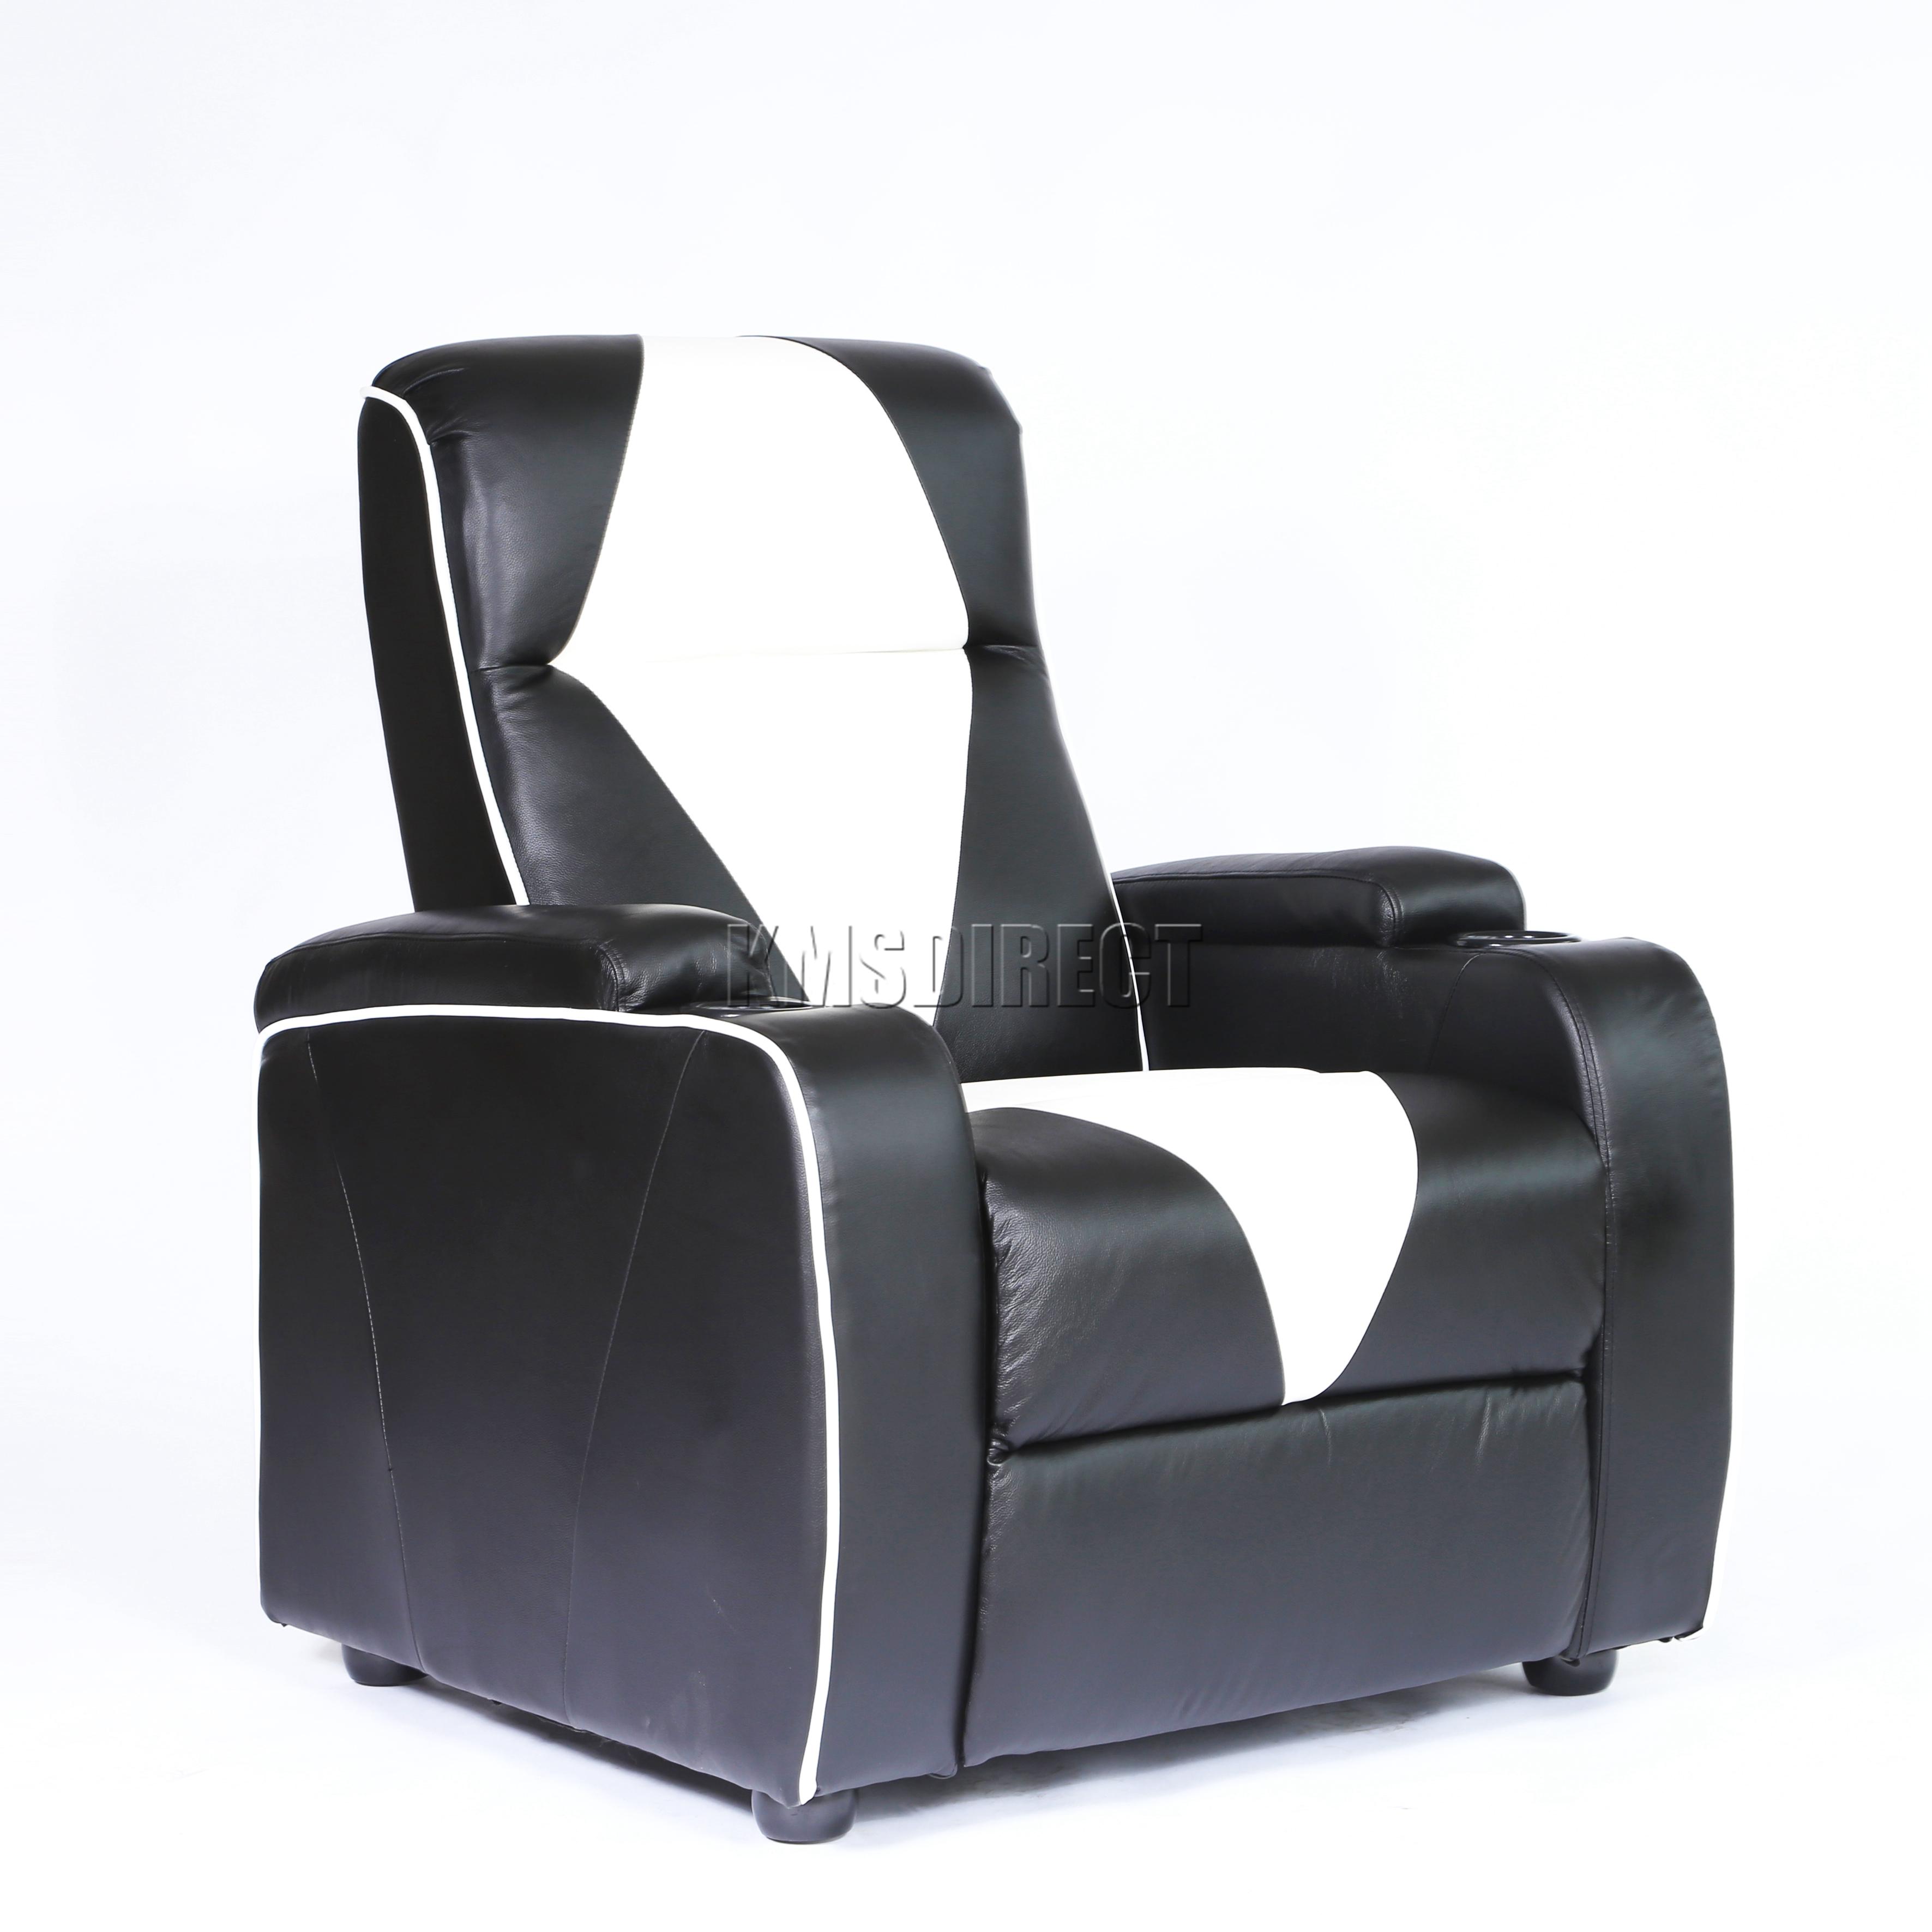 FoxHunter Leather Retro Theatre Cinema Movie Chair Sofa